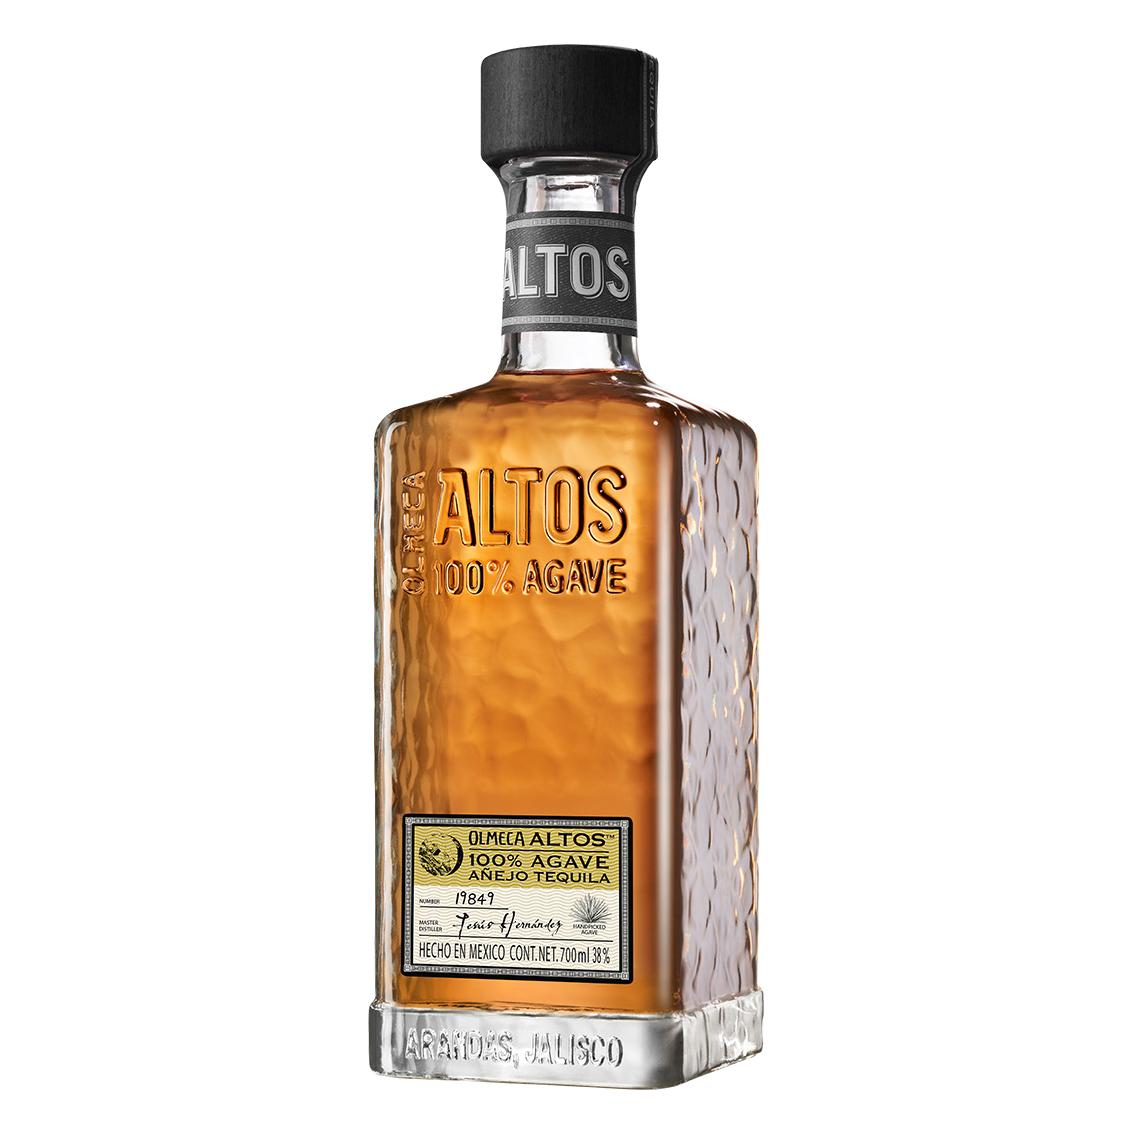 garrafa de altos tequila añejo